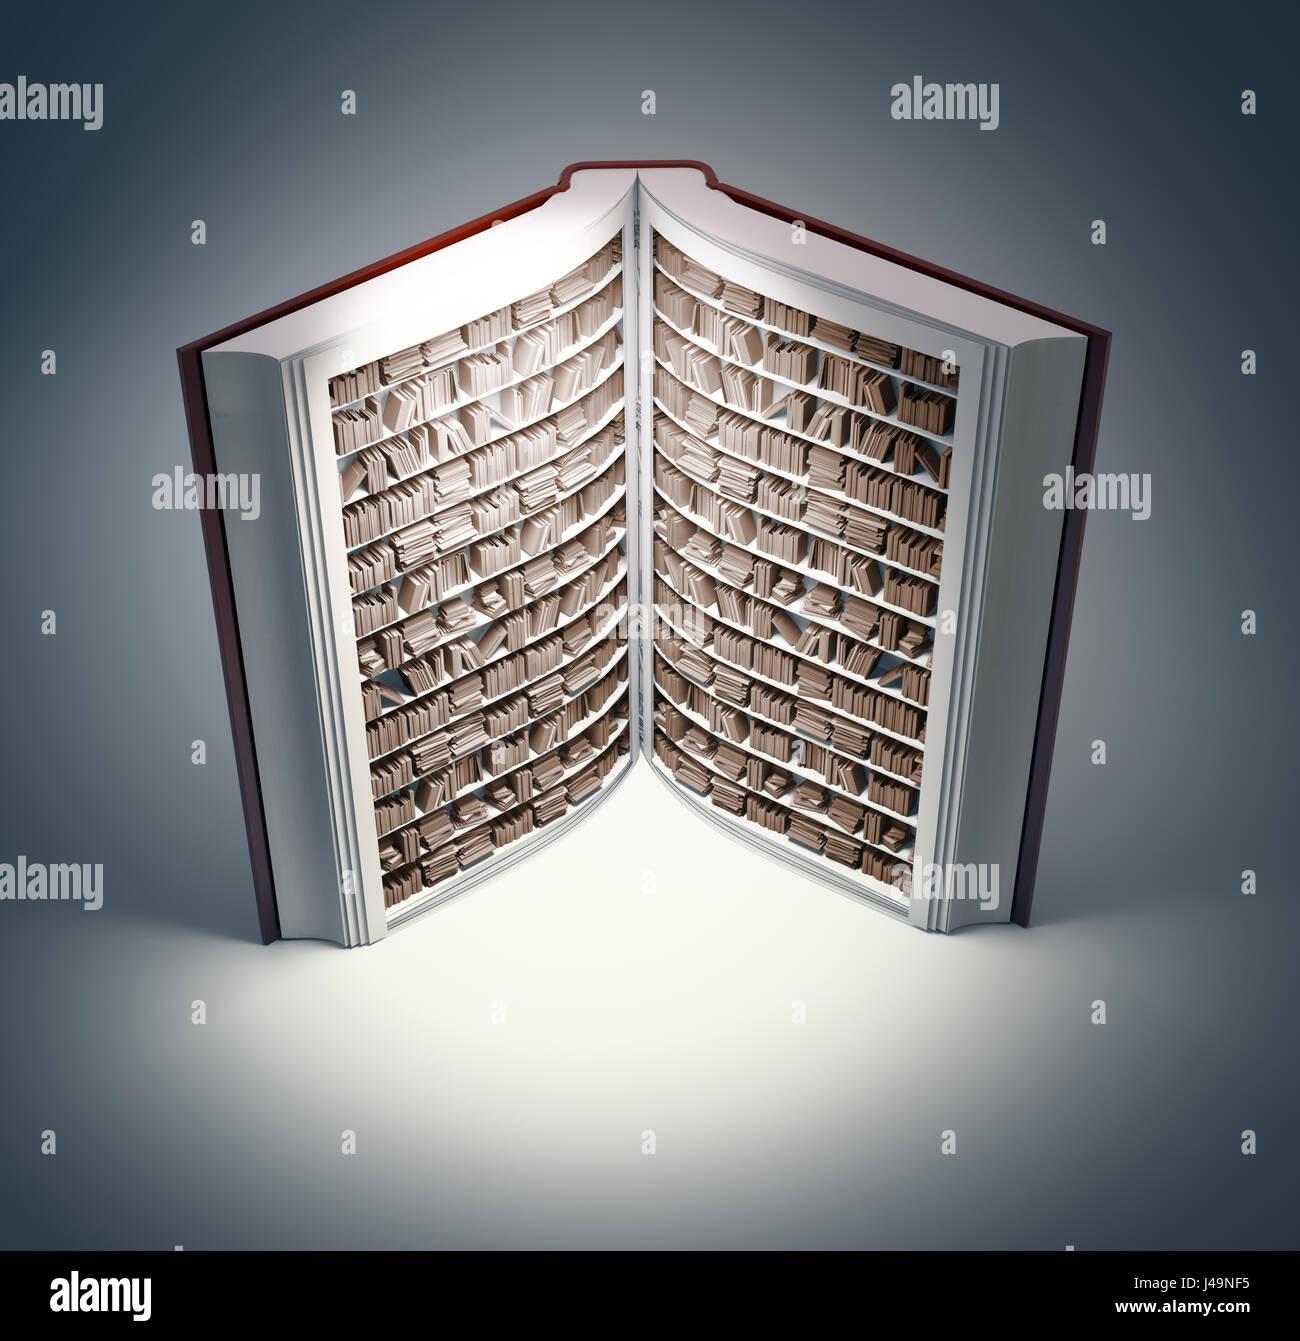 Buch förmigen Bücherregal - 3D-Illustration Stockfoto